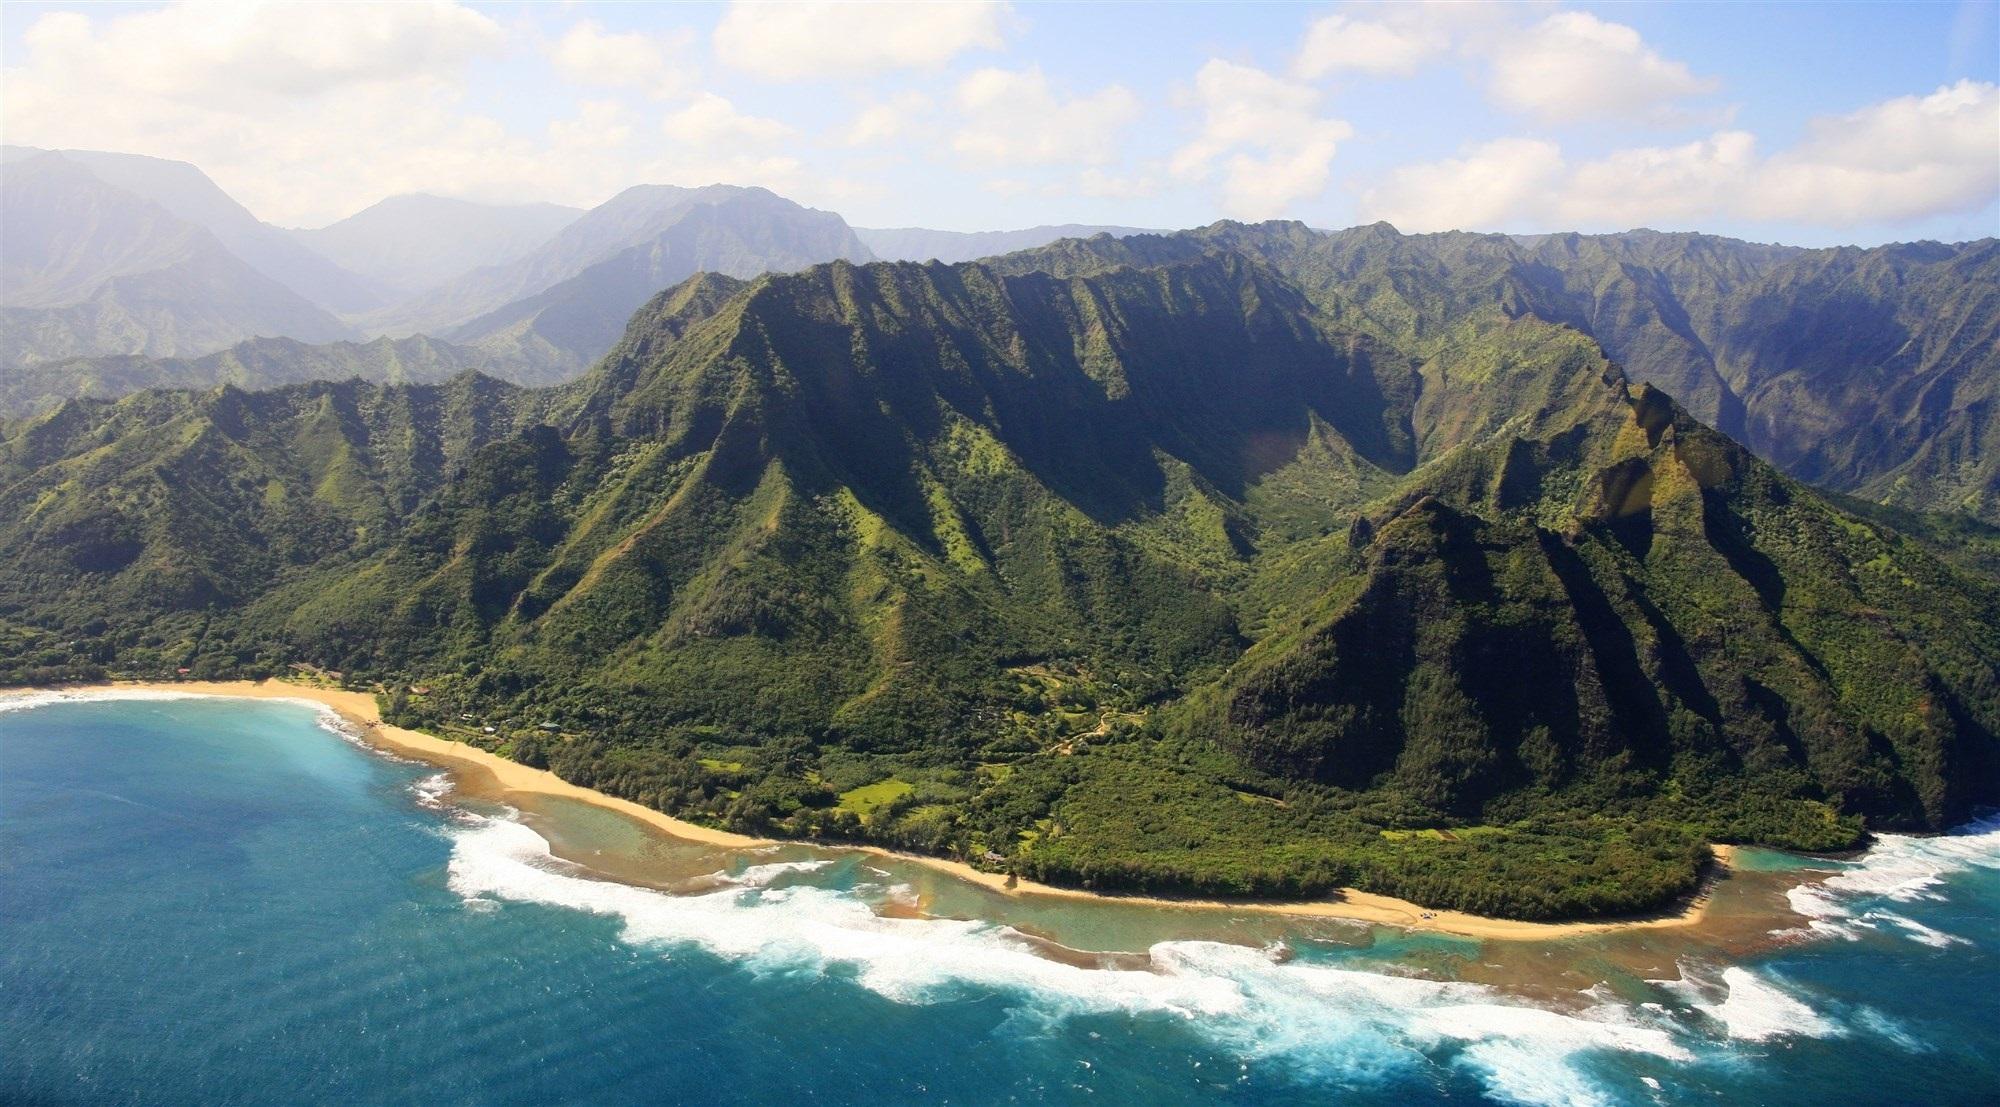 美國一架觀光直升機在夏威夷失蹤 機上共載有7人